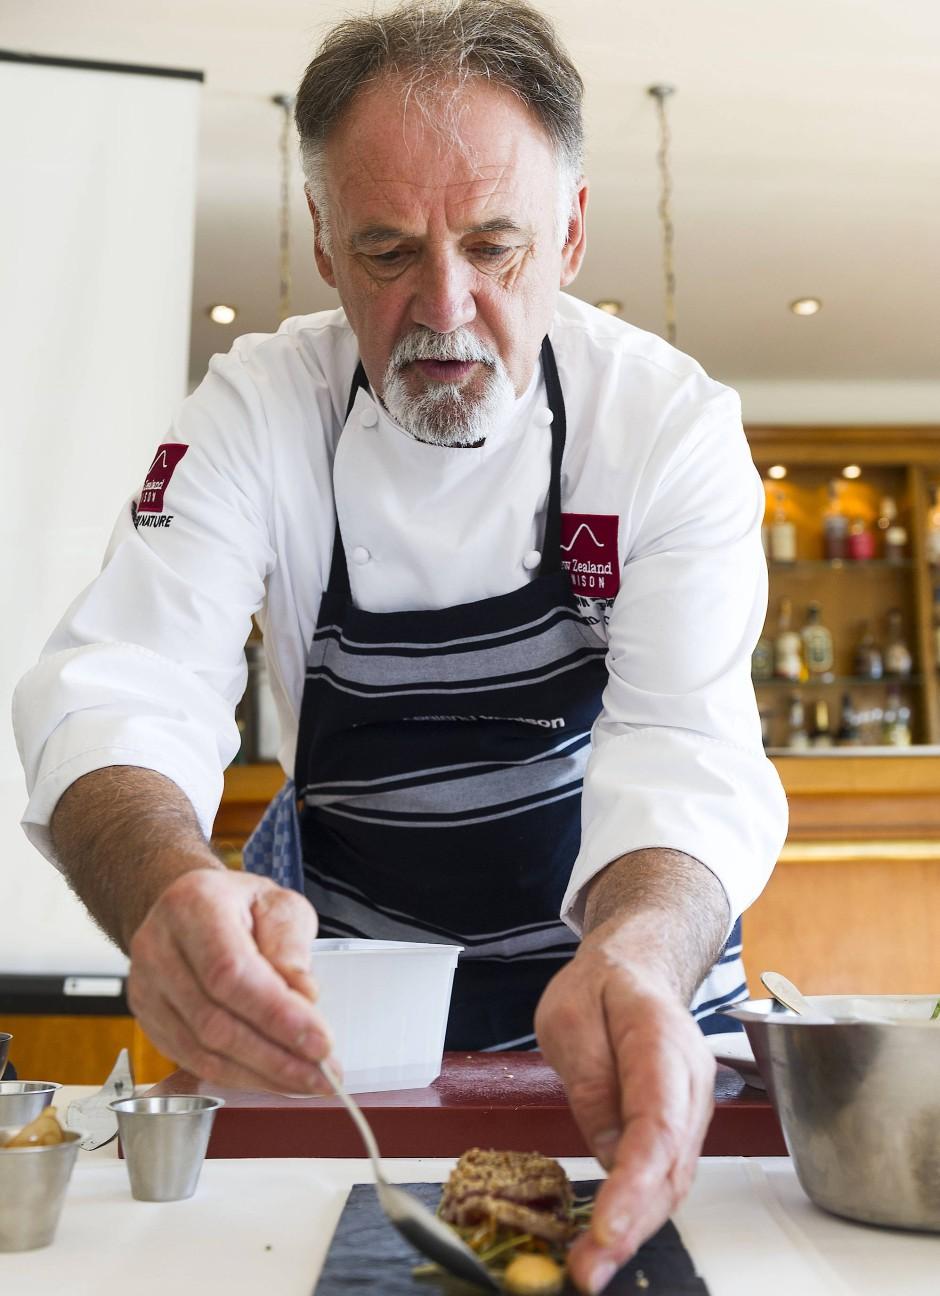 Der neuseeländische Starkoch Graham Brown zeigt, wie man Hirschfleisch zubereitet und serviert. Für die eigene Küche bietet sich ein einfach gutes Rezept an.